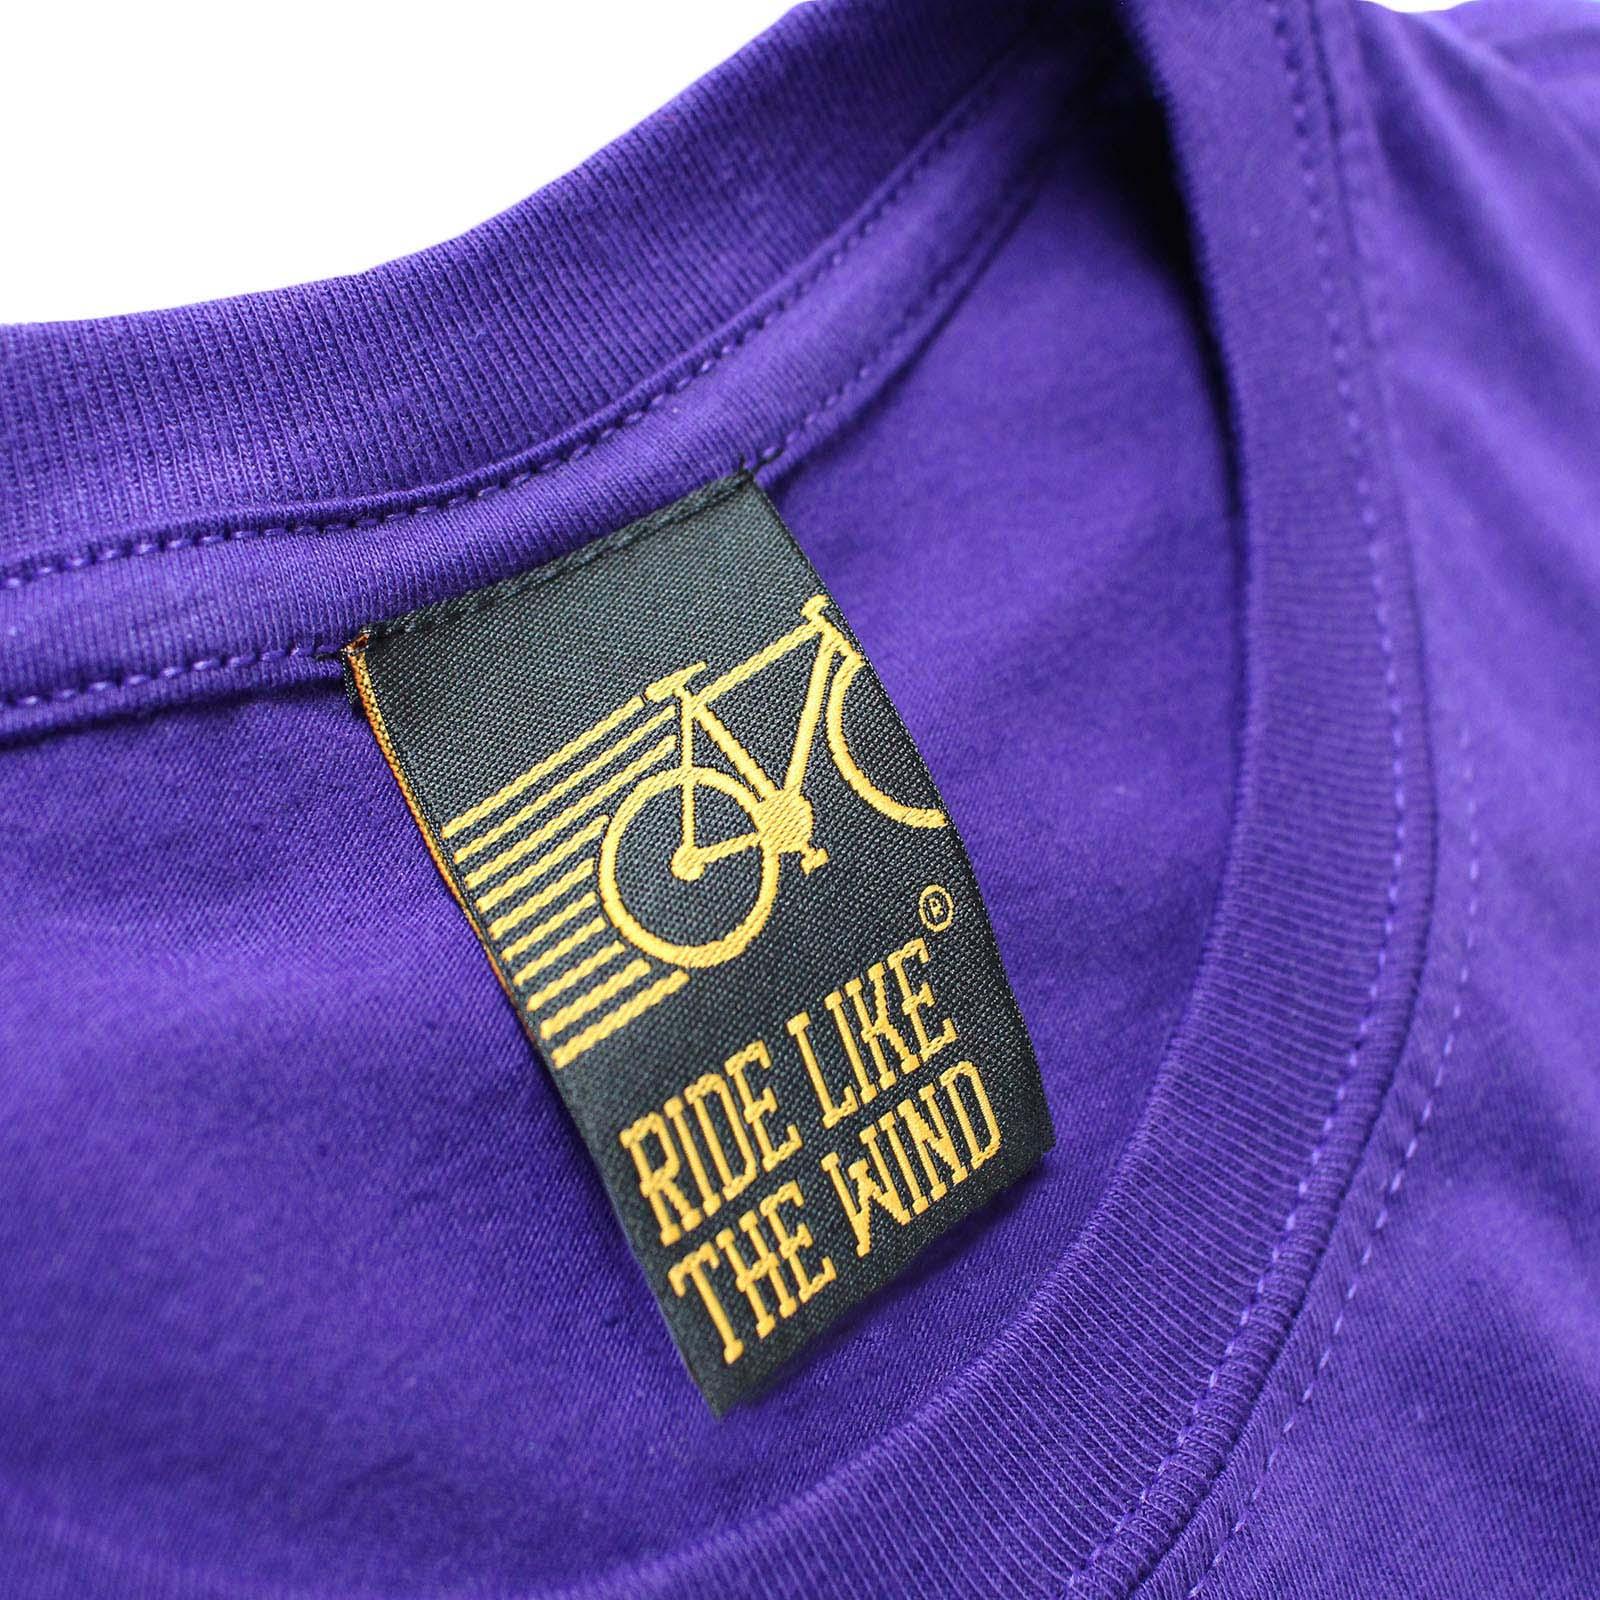 FB-Cycling-Tee-Ocd-Cycling-Novelty-Birthday-Christmas-Gift-Mens-T-Shirt thumbnail 29